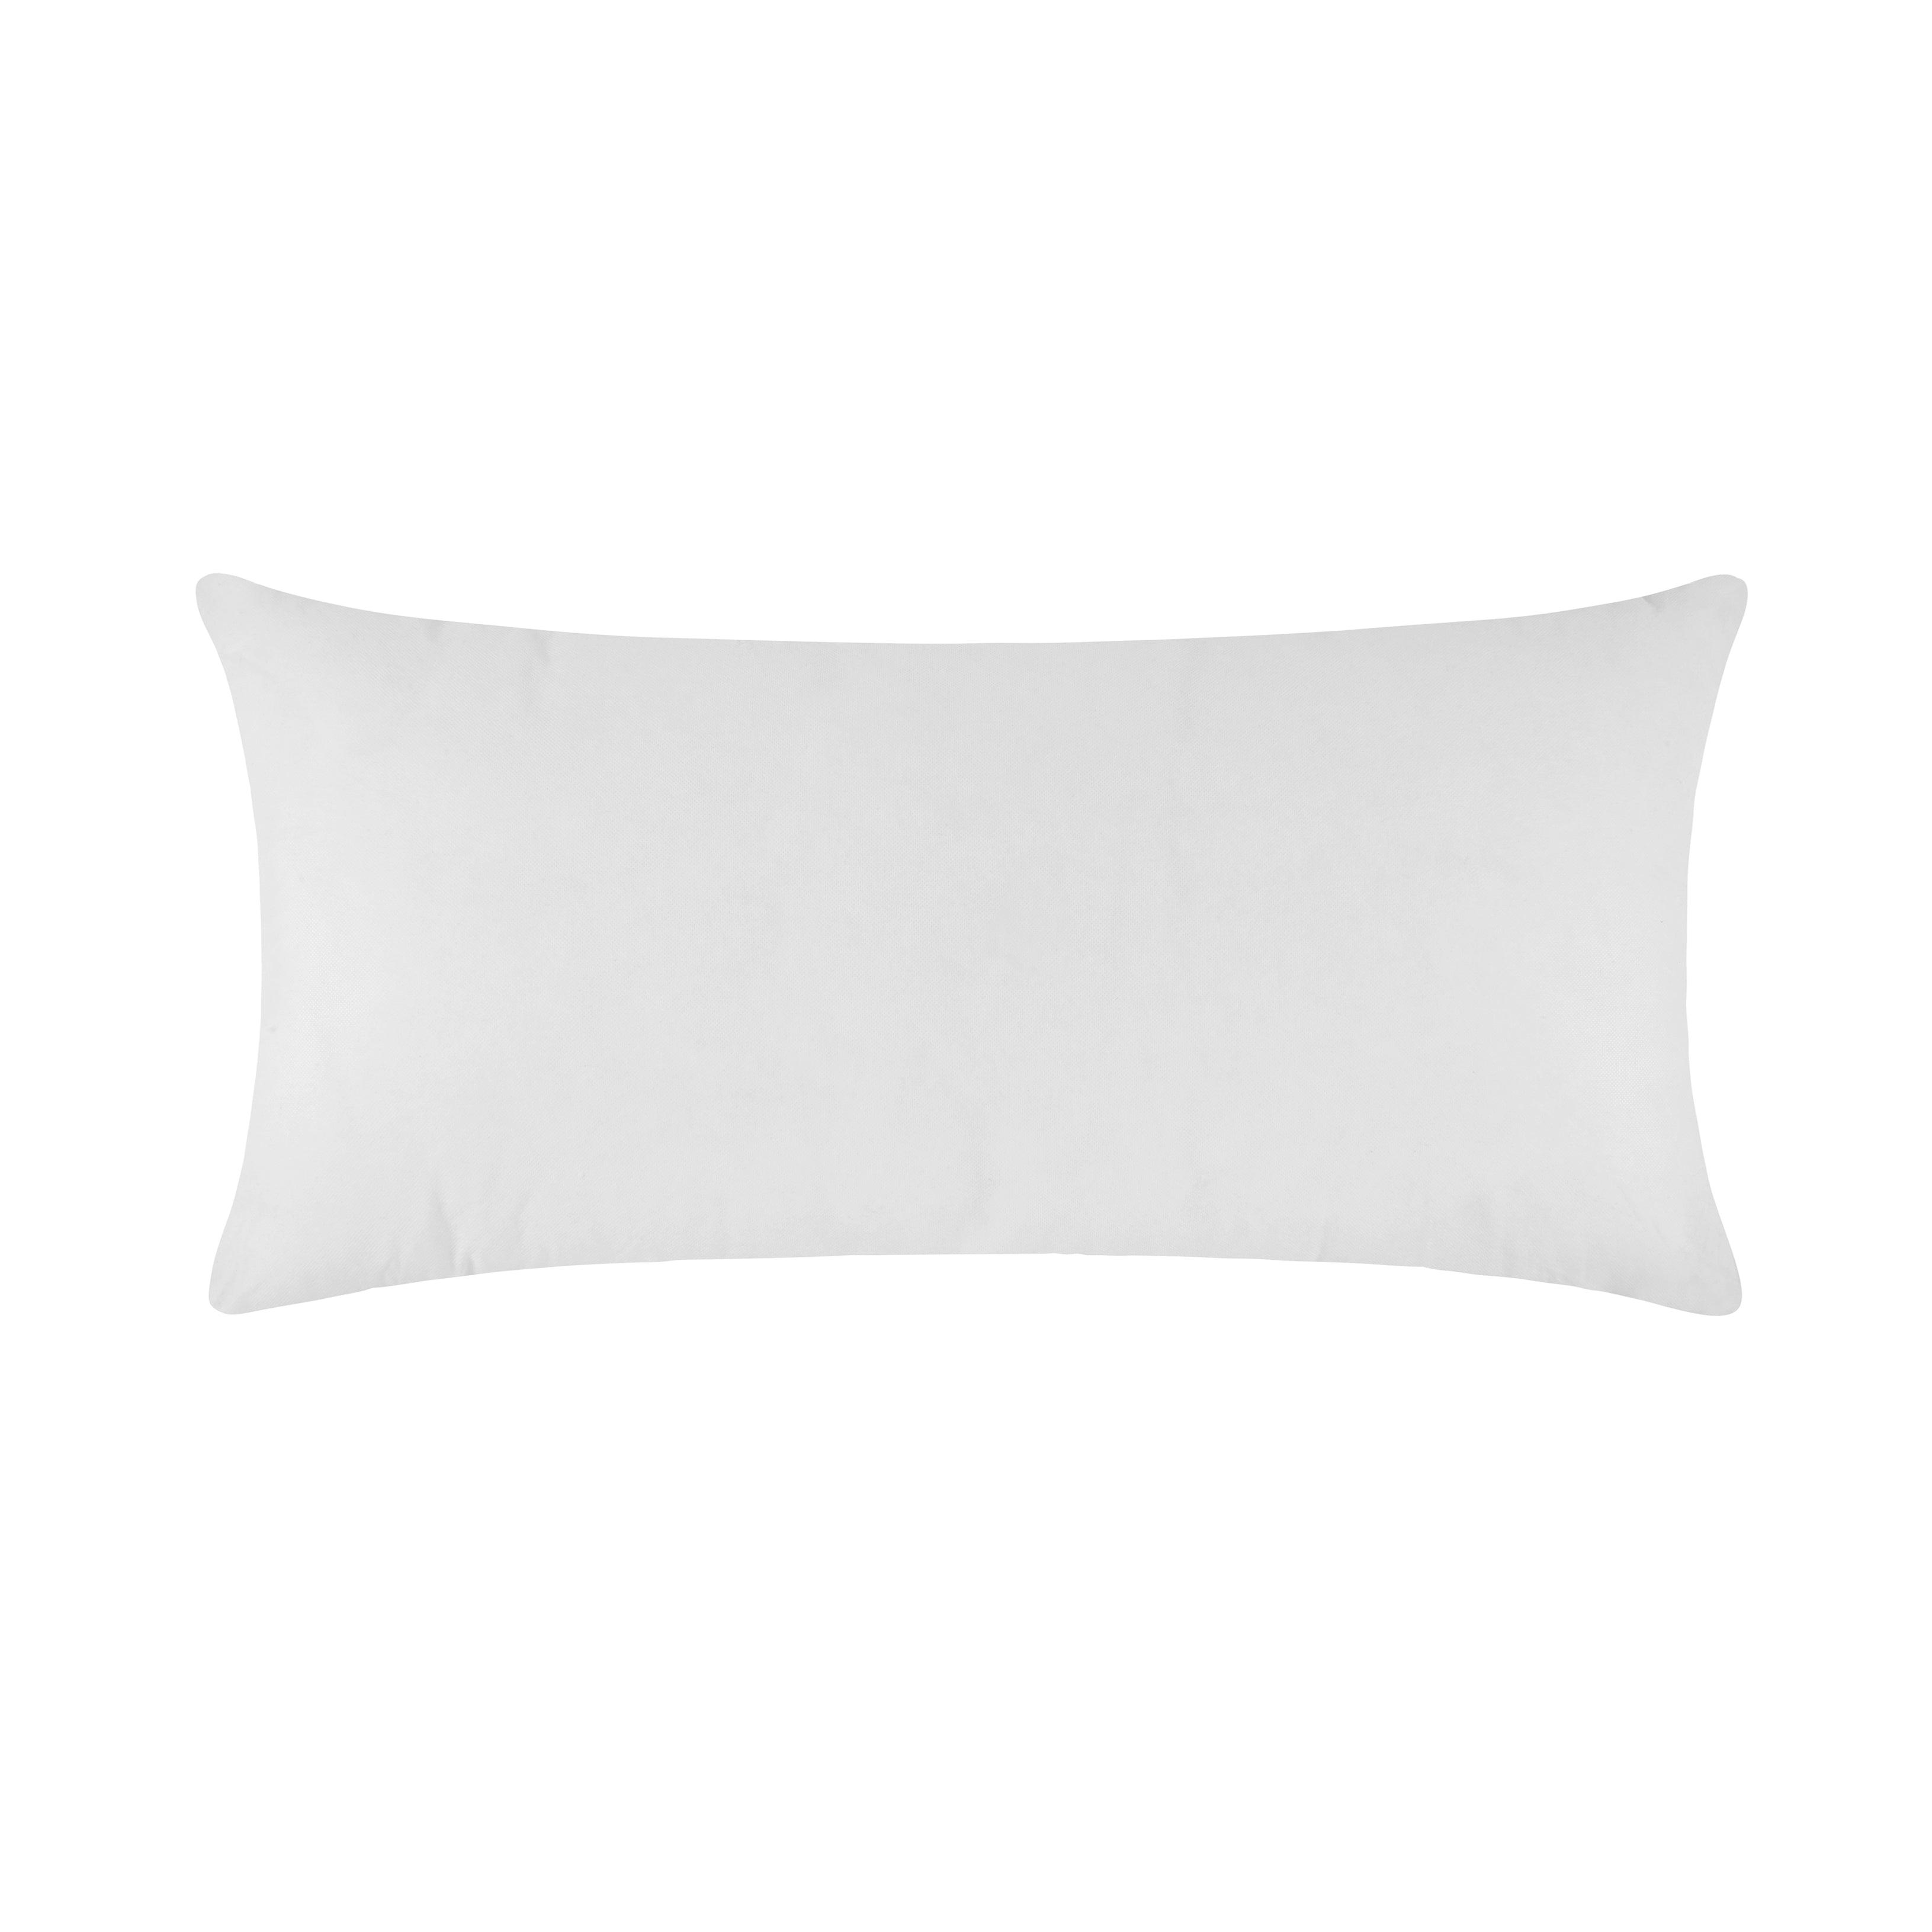 Coussin de garnissage 55x110 cm Blanc